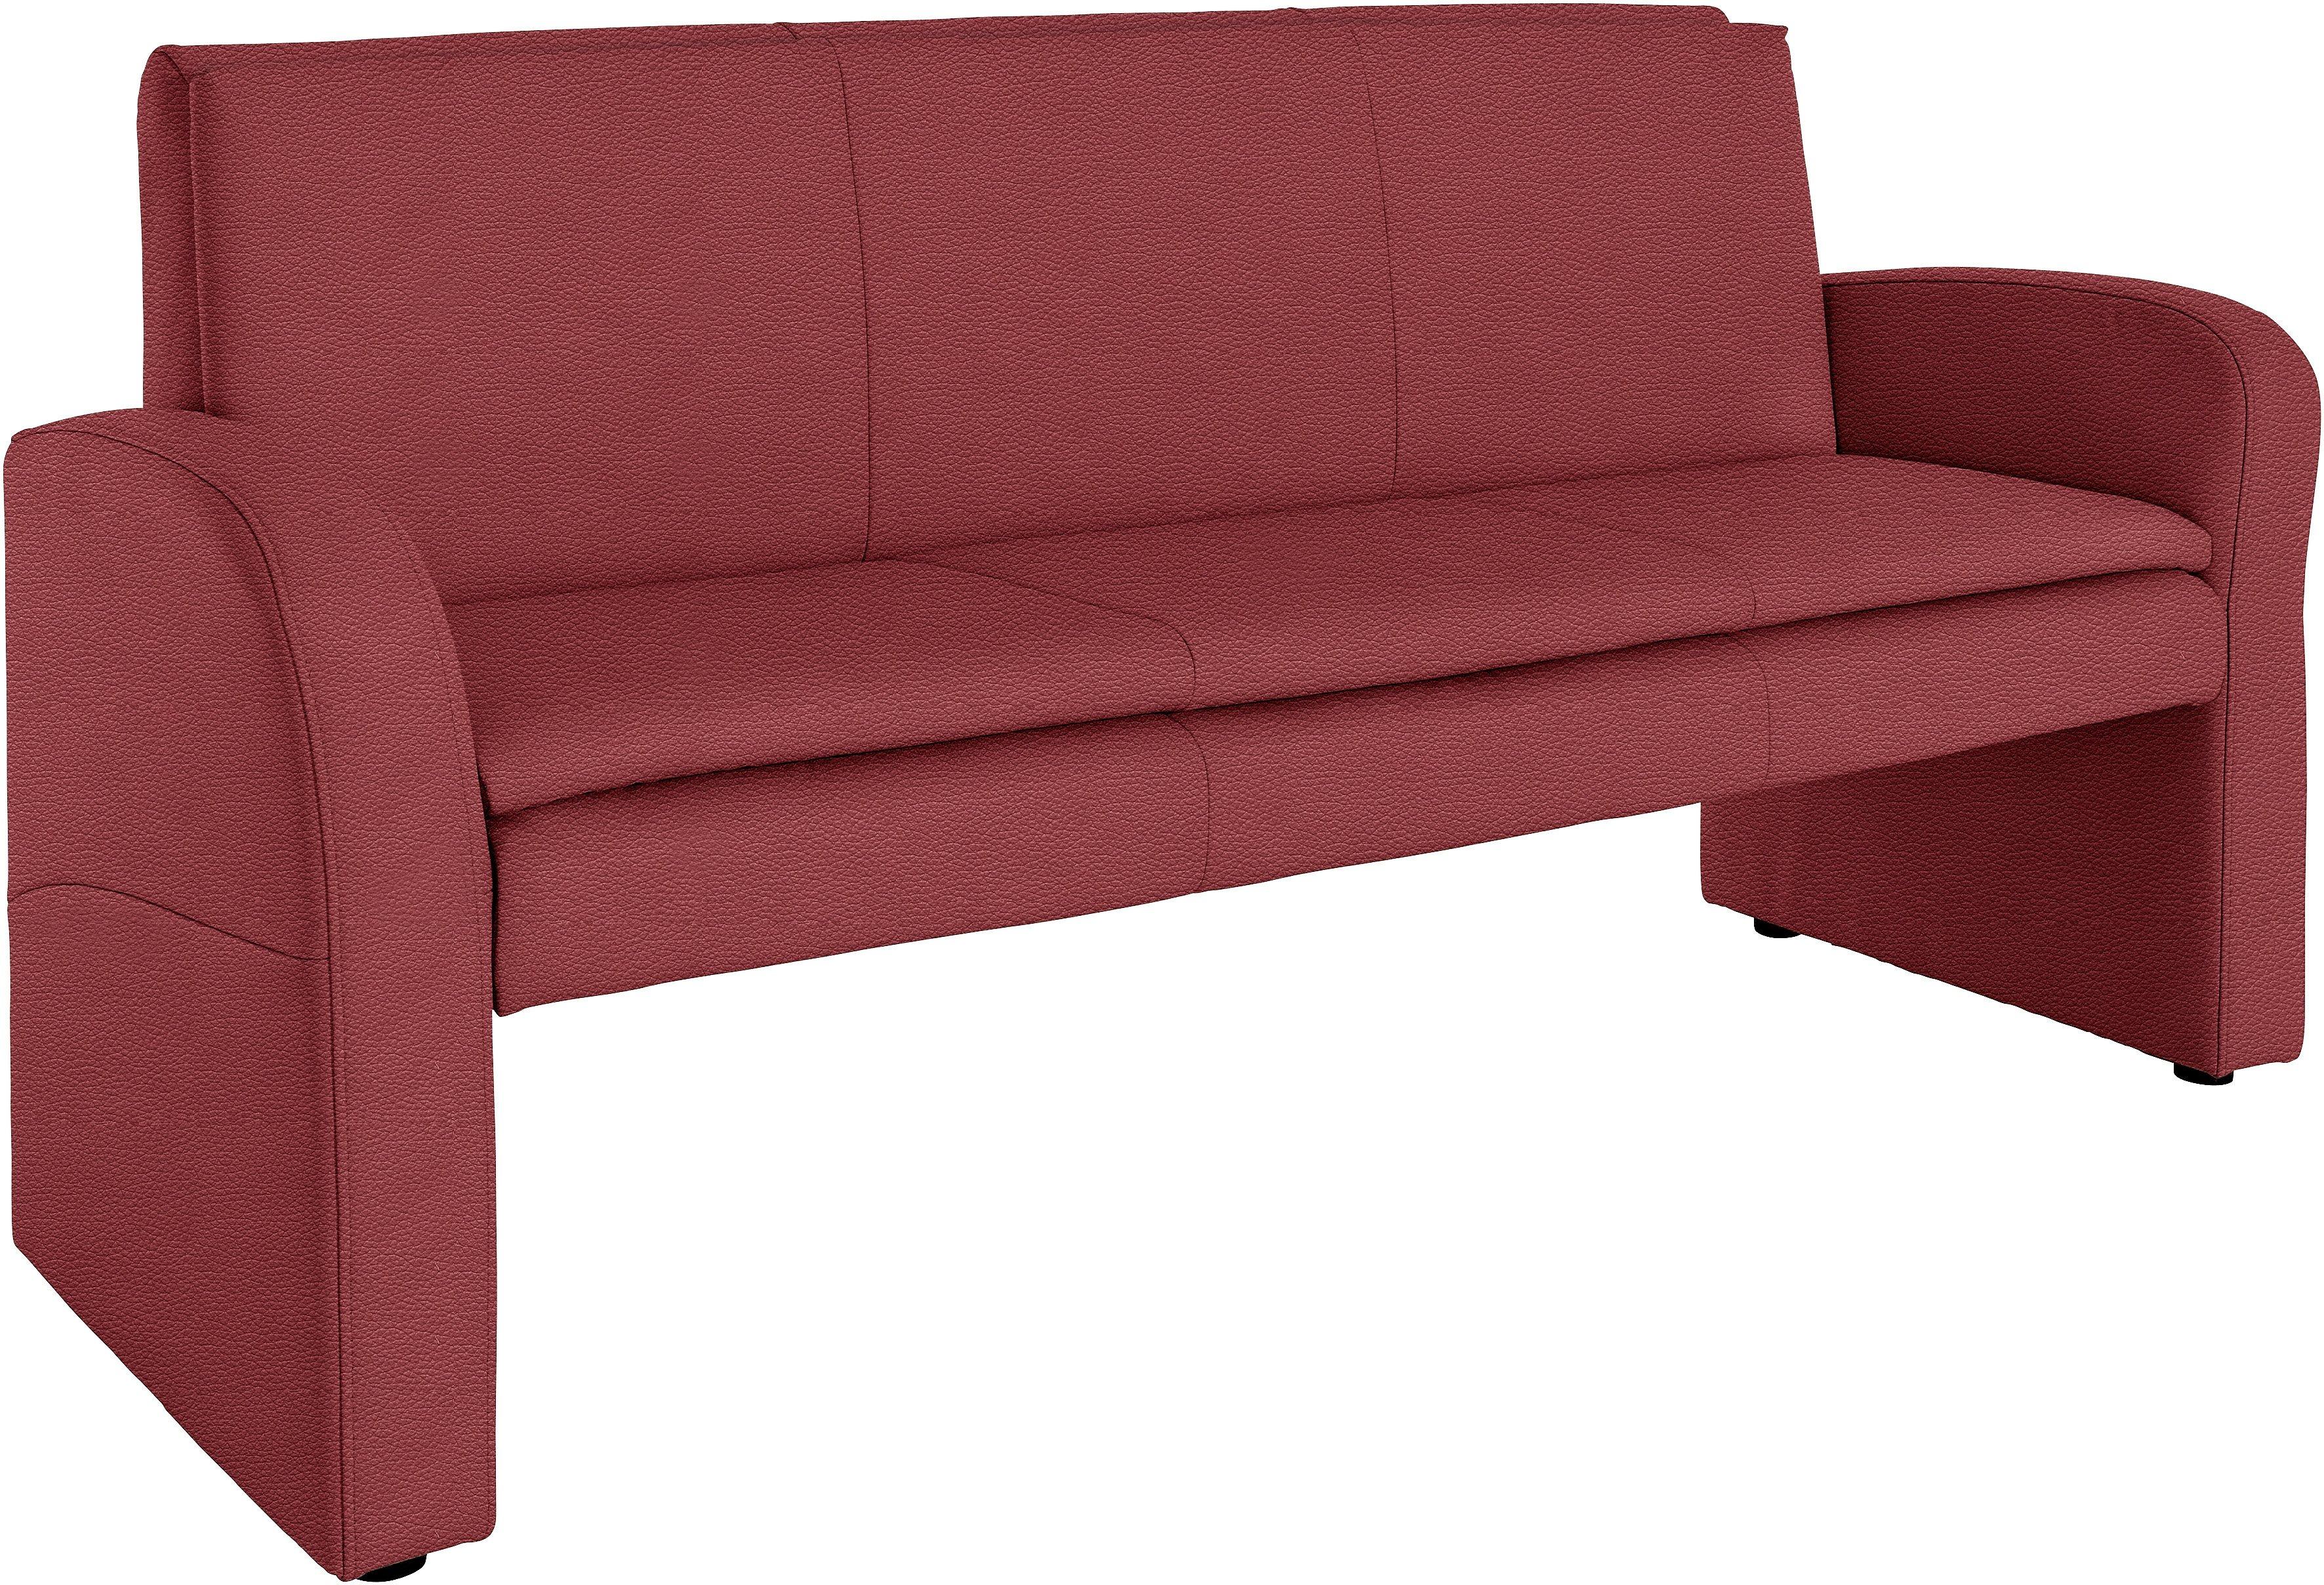 haute normandie einfache sitzb nke online kaufen m bel suchmaschine. Black Bedroom Furniture Sets. Home Design Ideas